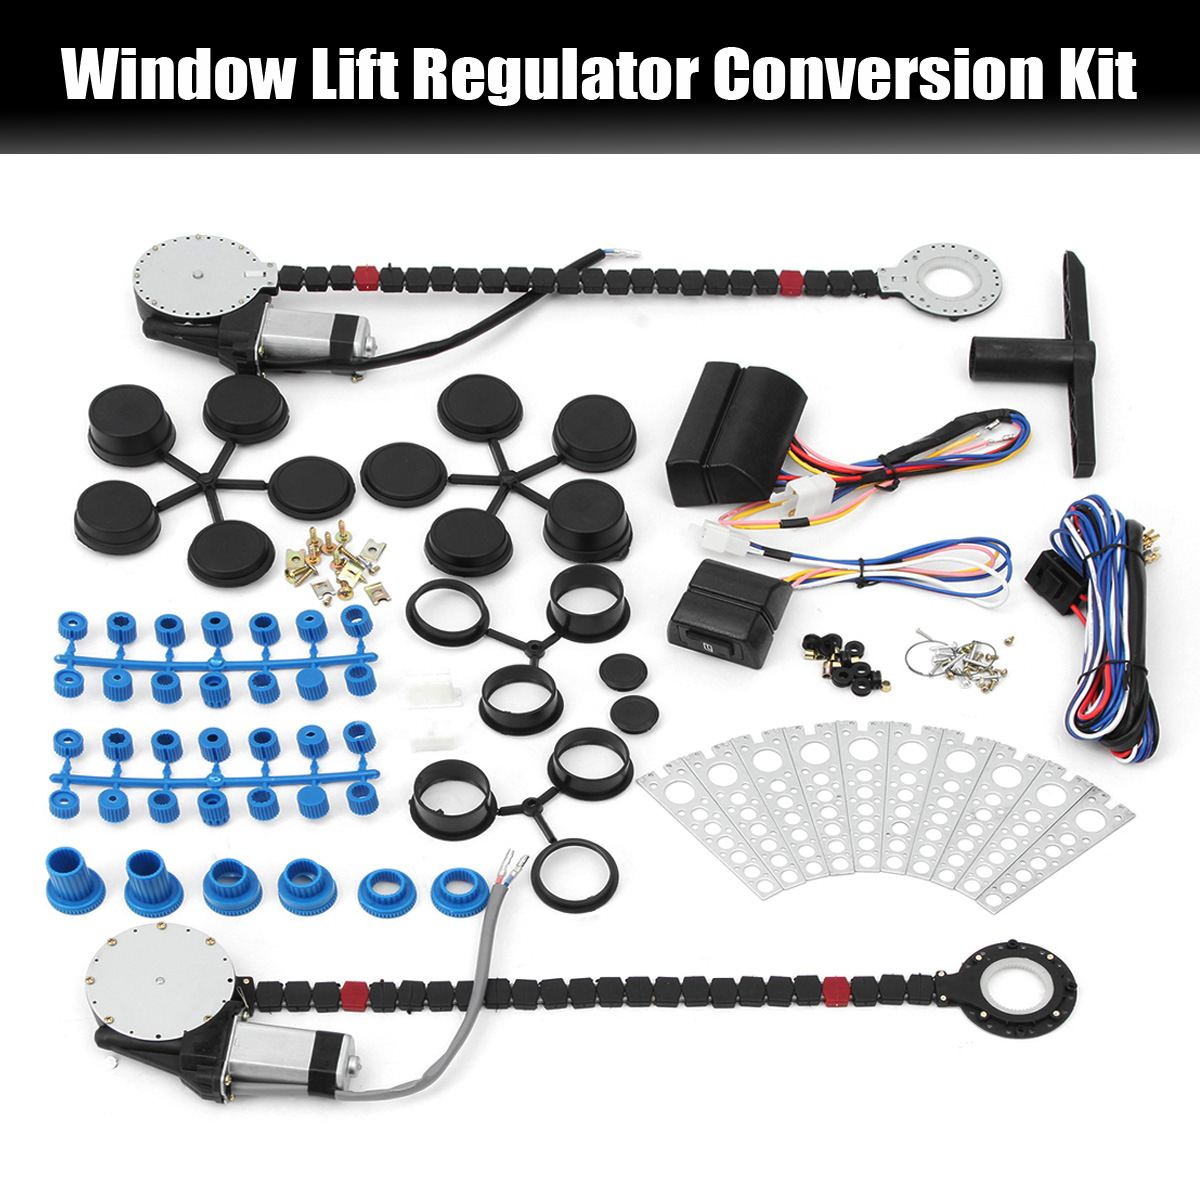 אוניברסלי חשמלי רכב כוח חלון מעלית רגולטור המרת ערכת עבור 2 דלת רכב משאית SUV חלון מרים ערכת תיקון